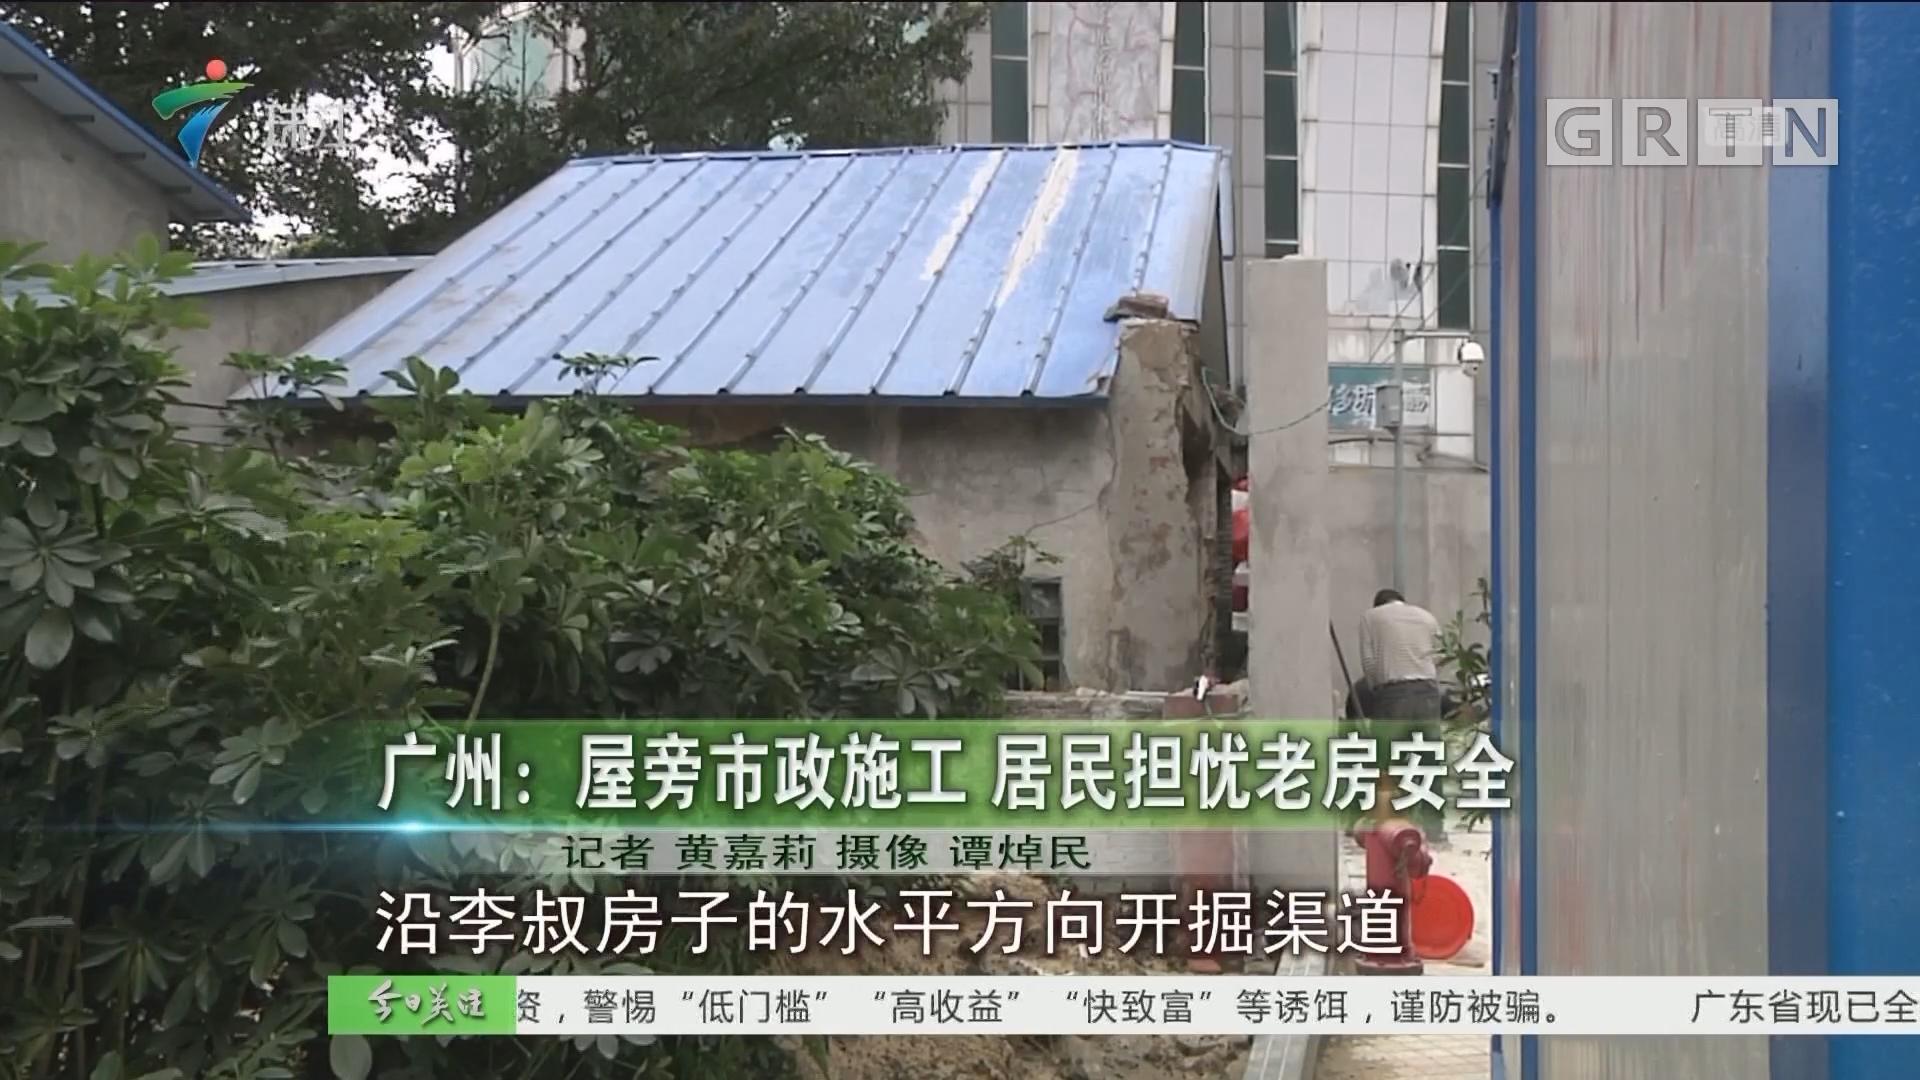 广州:屋旁市政施工 居民担忧老屋安全